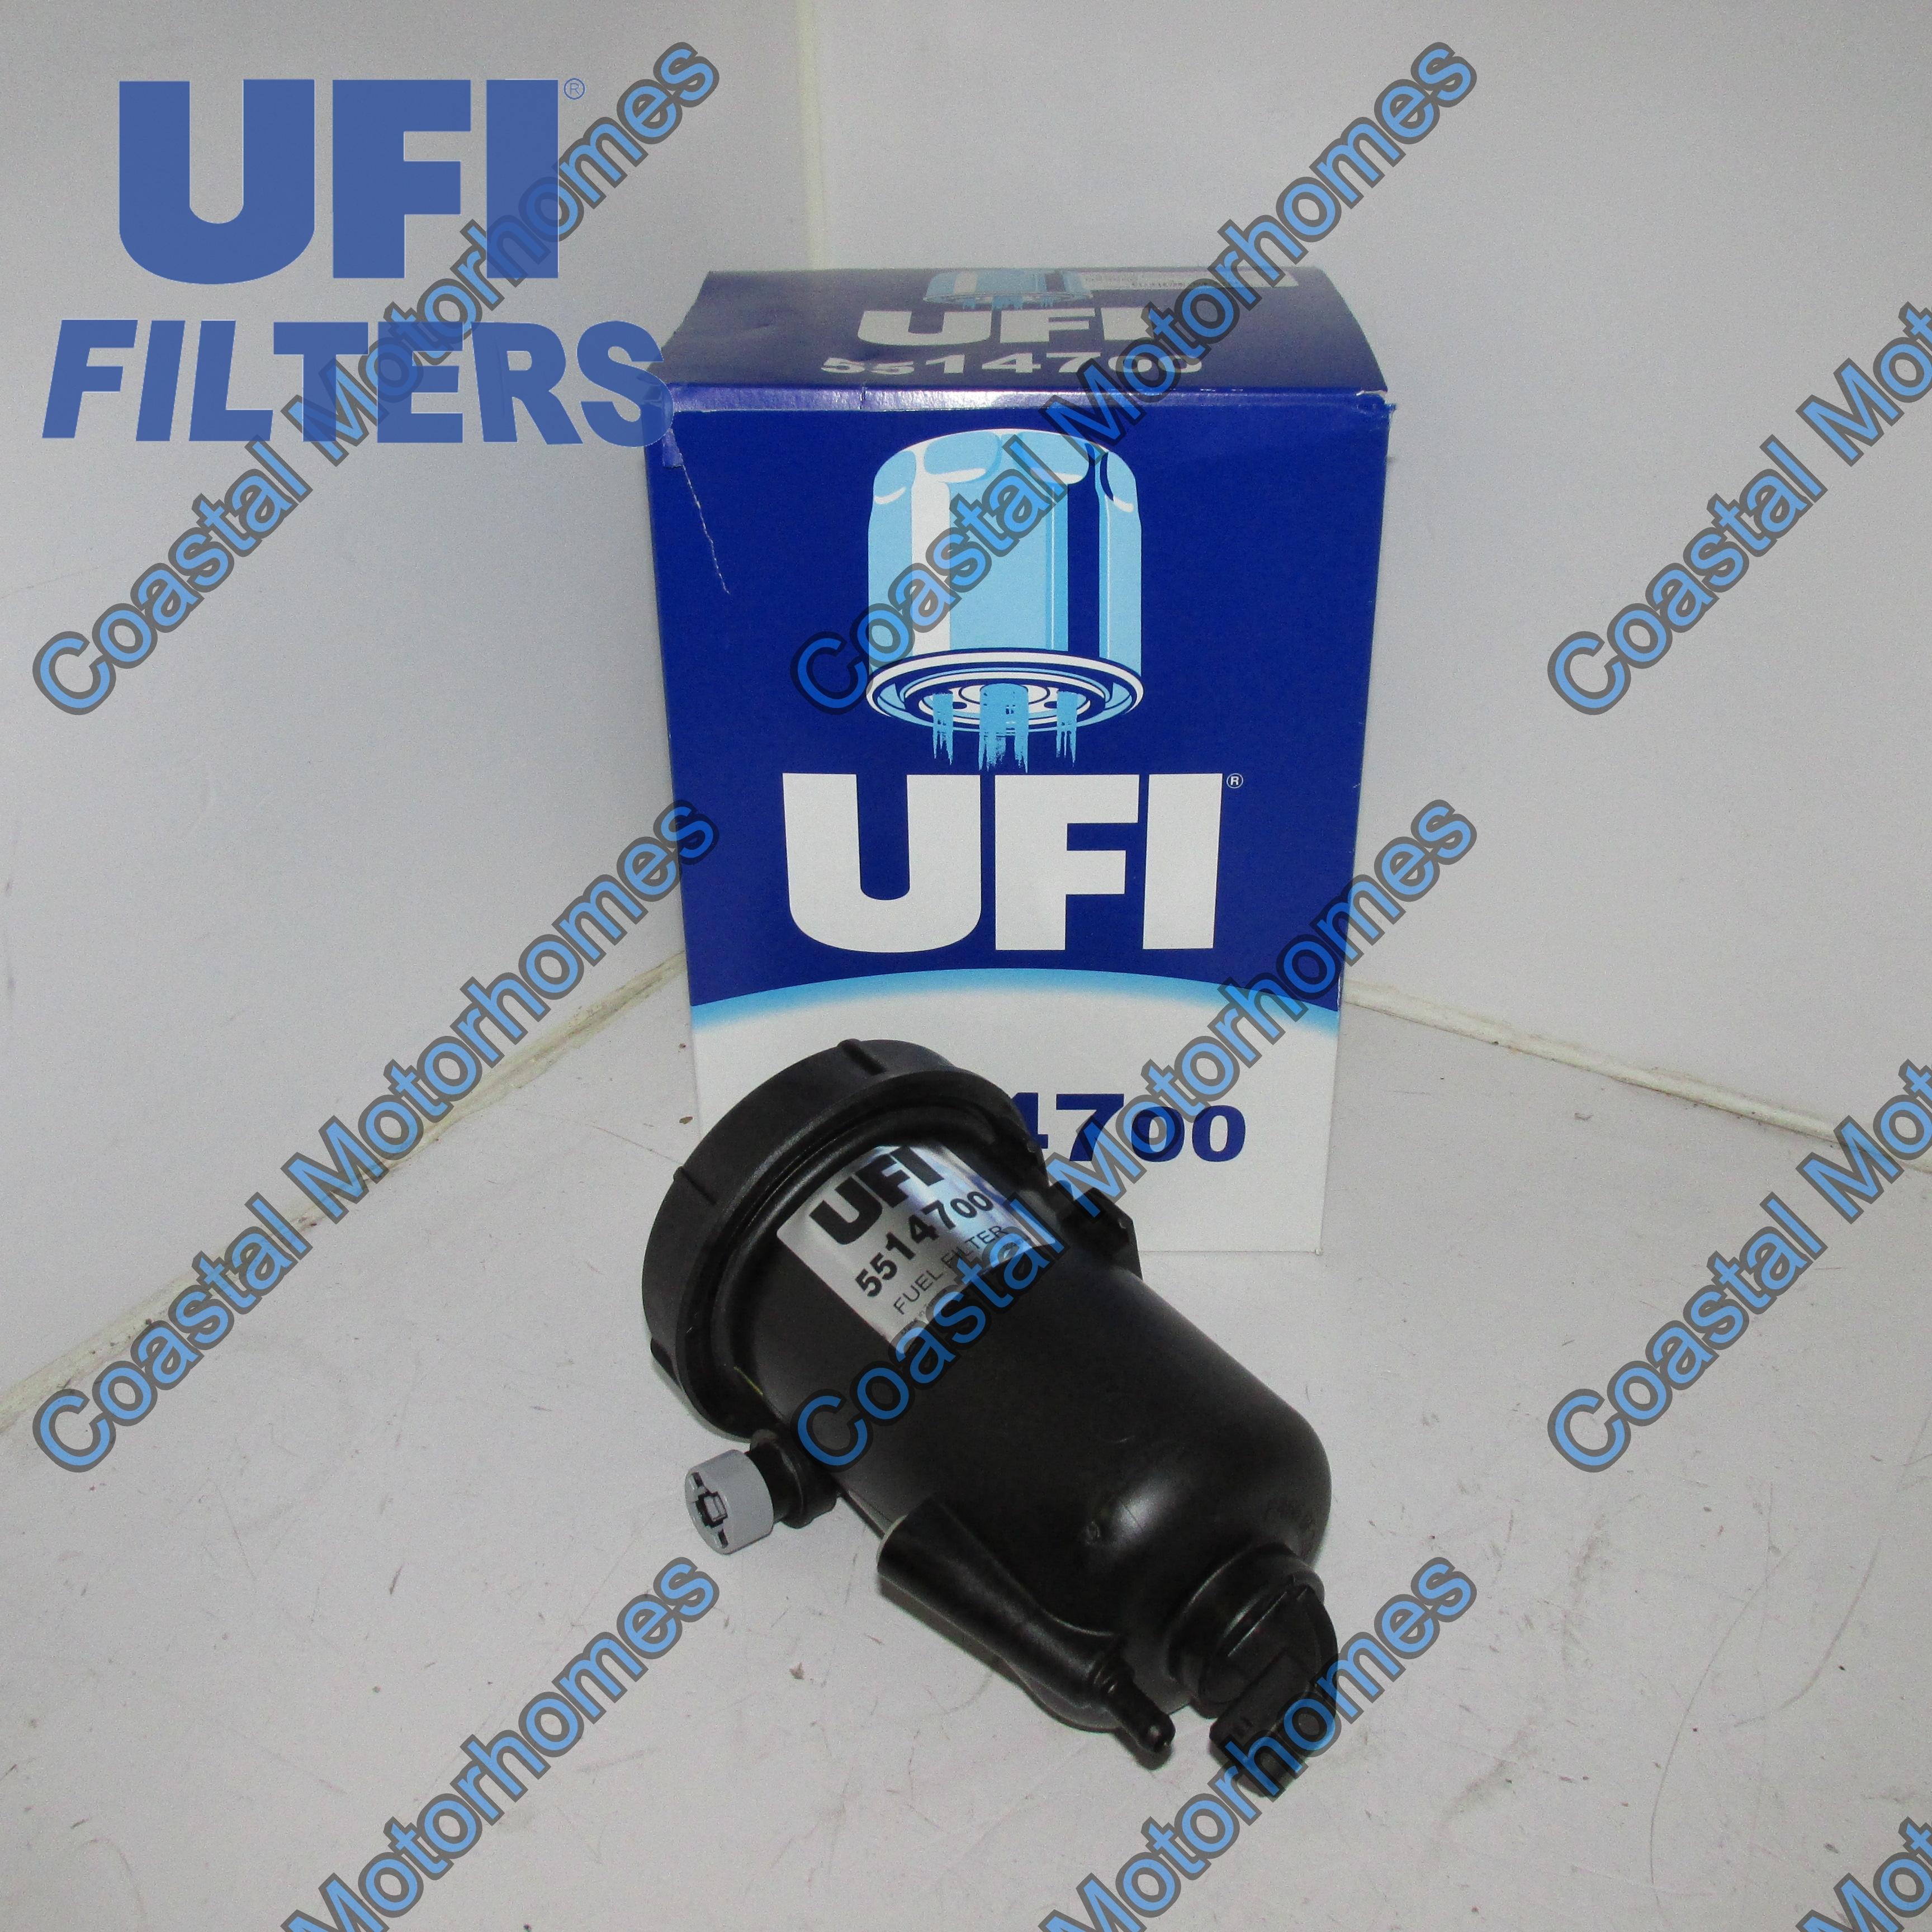 Détails sur Fits Peugeot Boxer Filtre à carburant Logement Complet Avec  Filtre 40.40 HDI 13681408080  afficher le titre d'origine